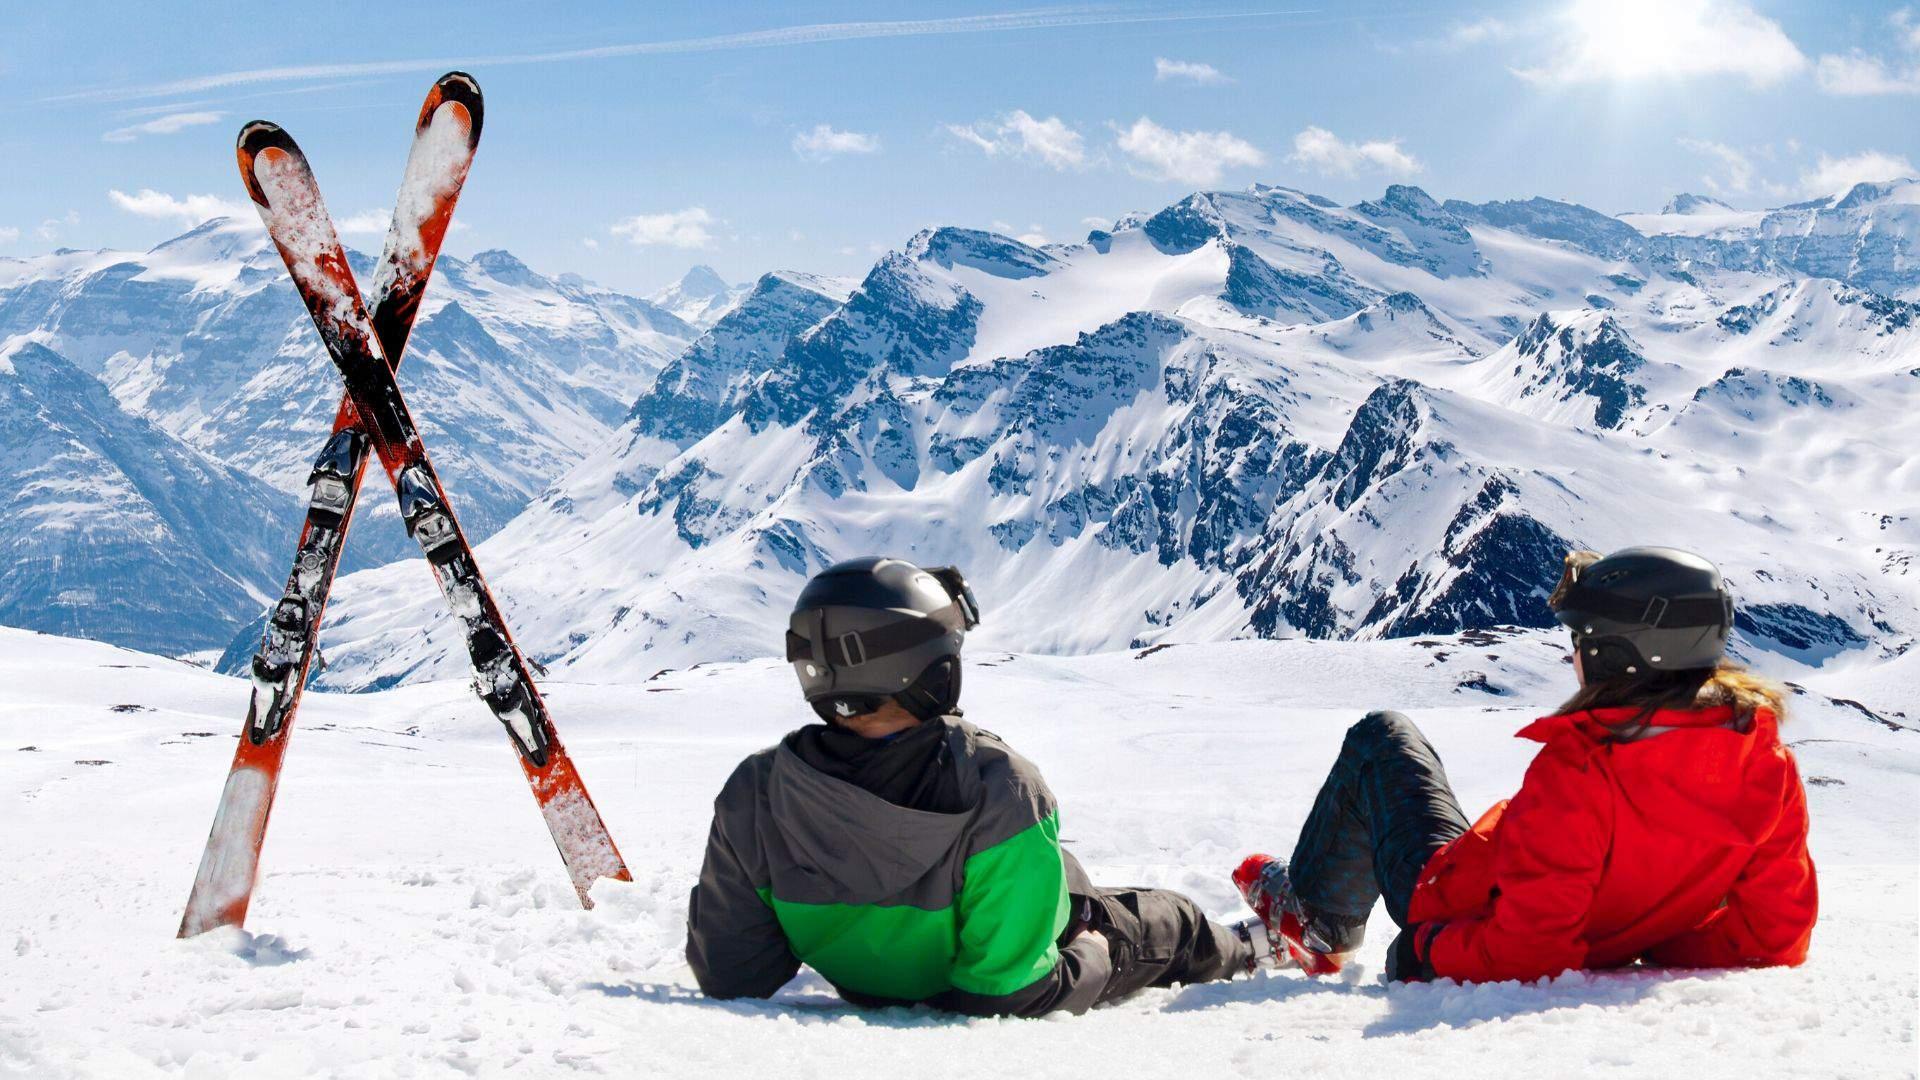 Atokvėpio akimirkos slidinėjimo atostogų Italijoje metu